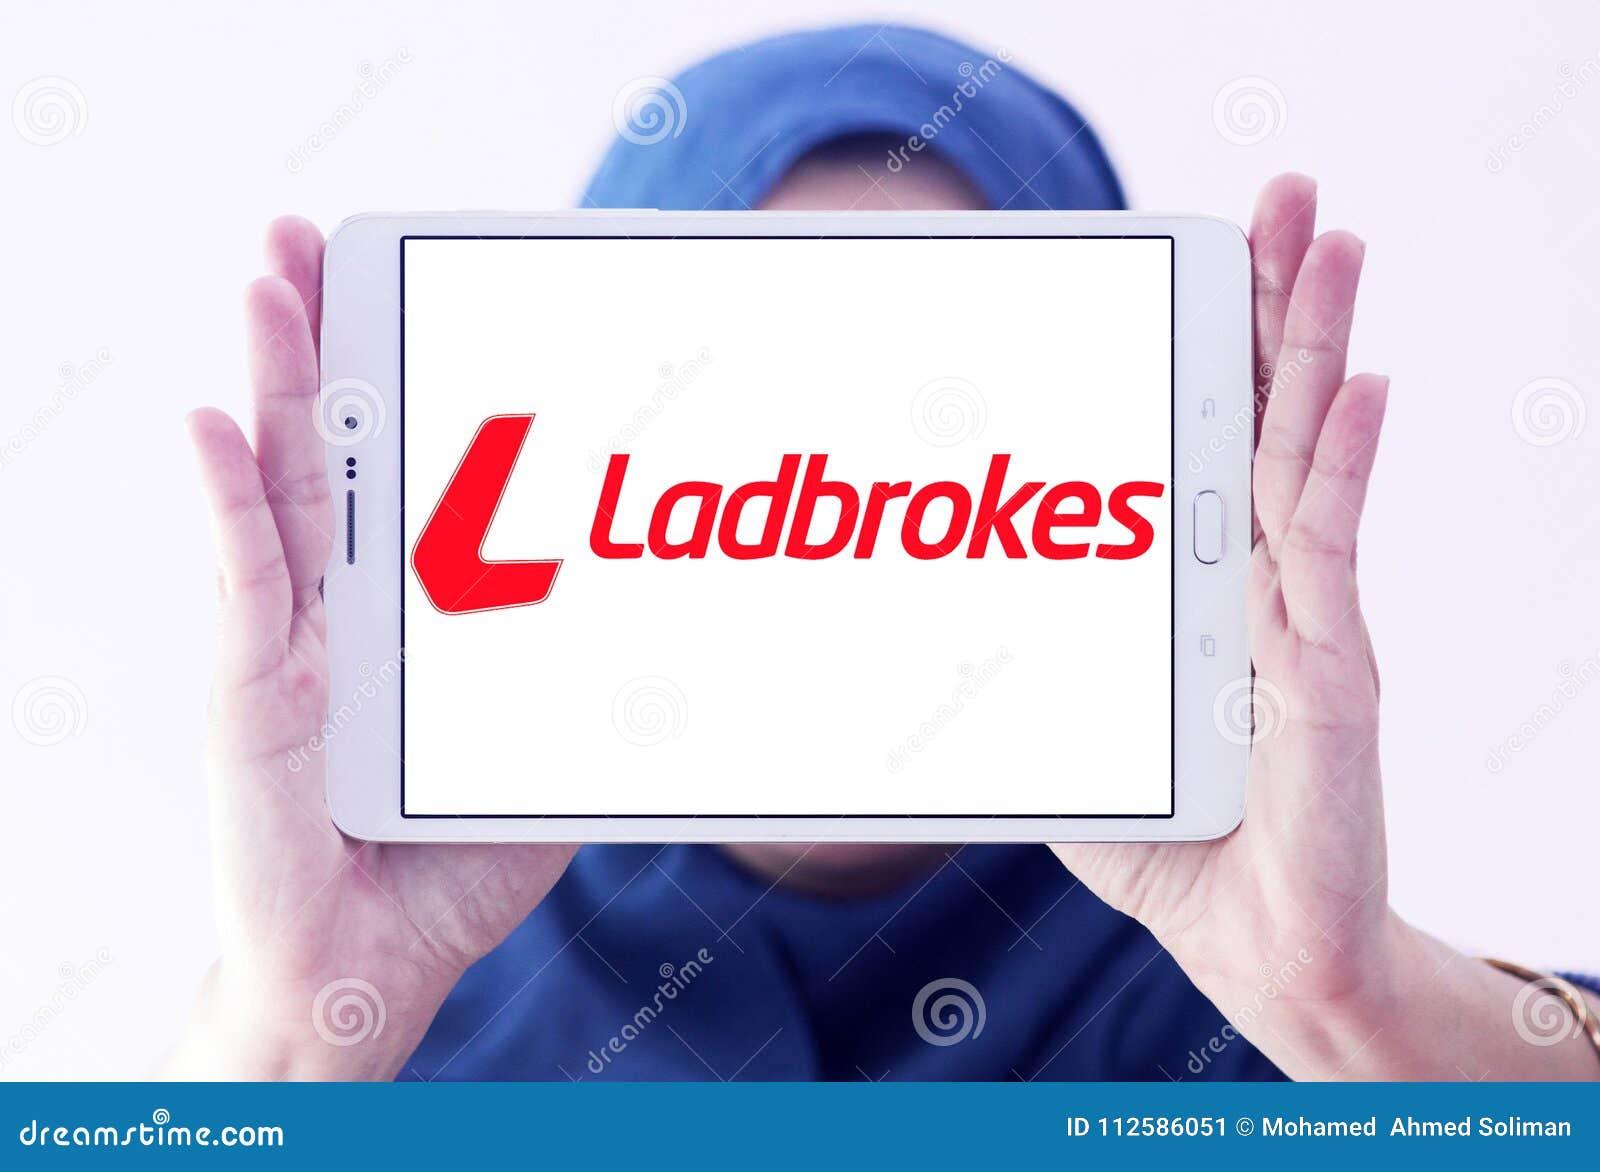 Ladbrokes company logo editorial photo  Image of company